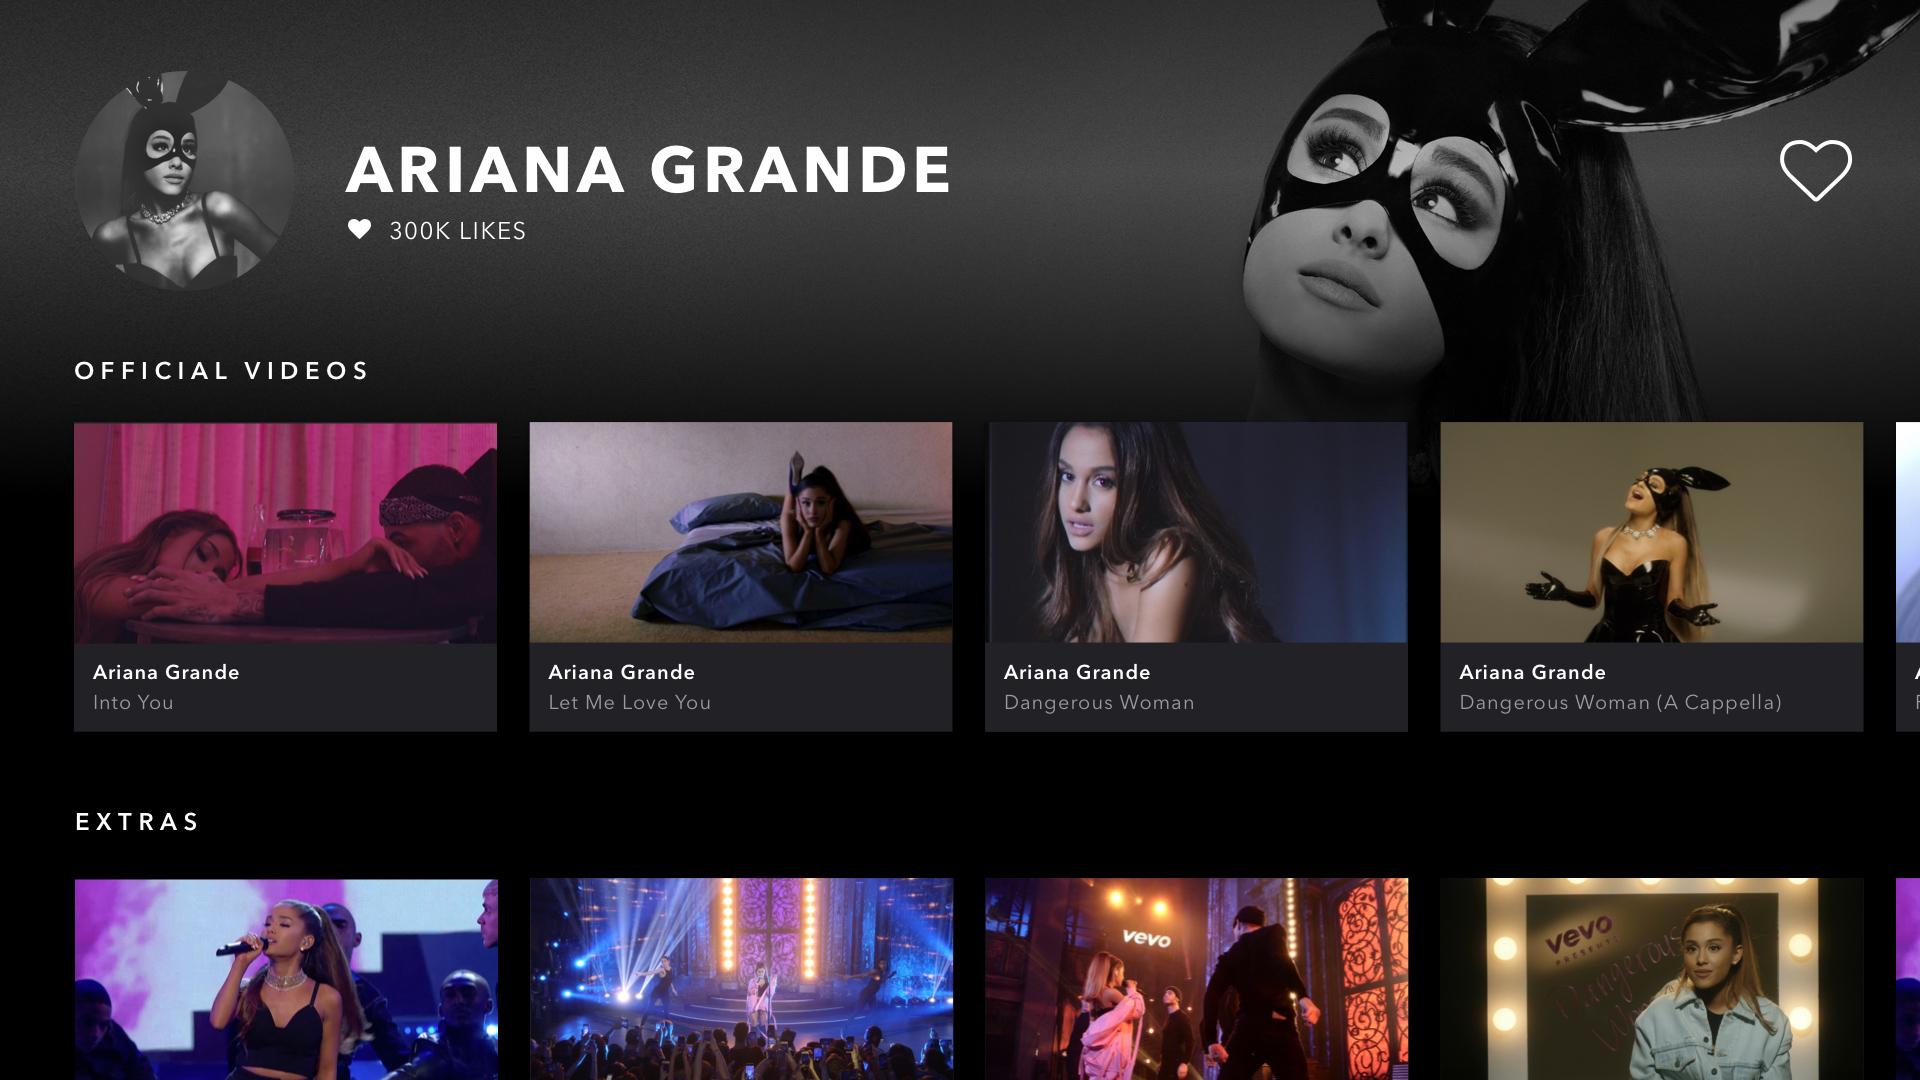 Buy Music Videos On Amazon